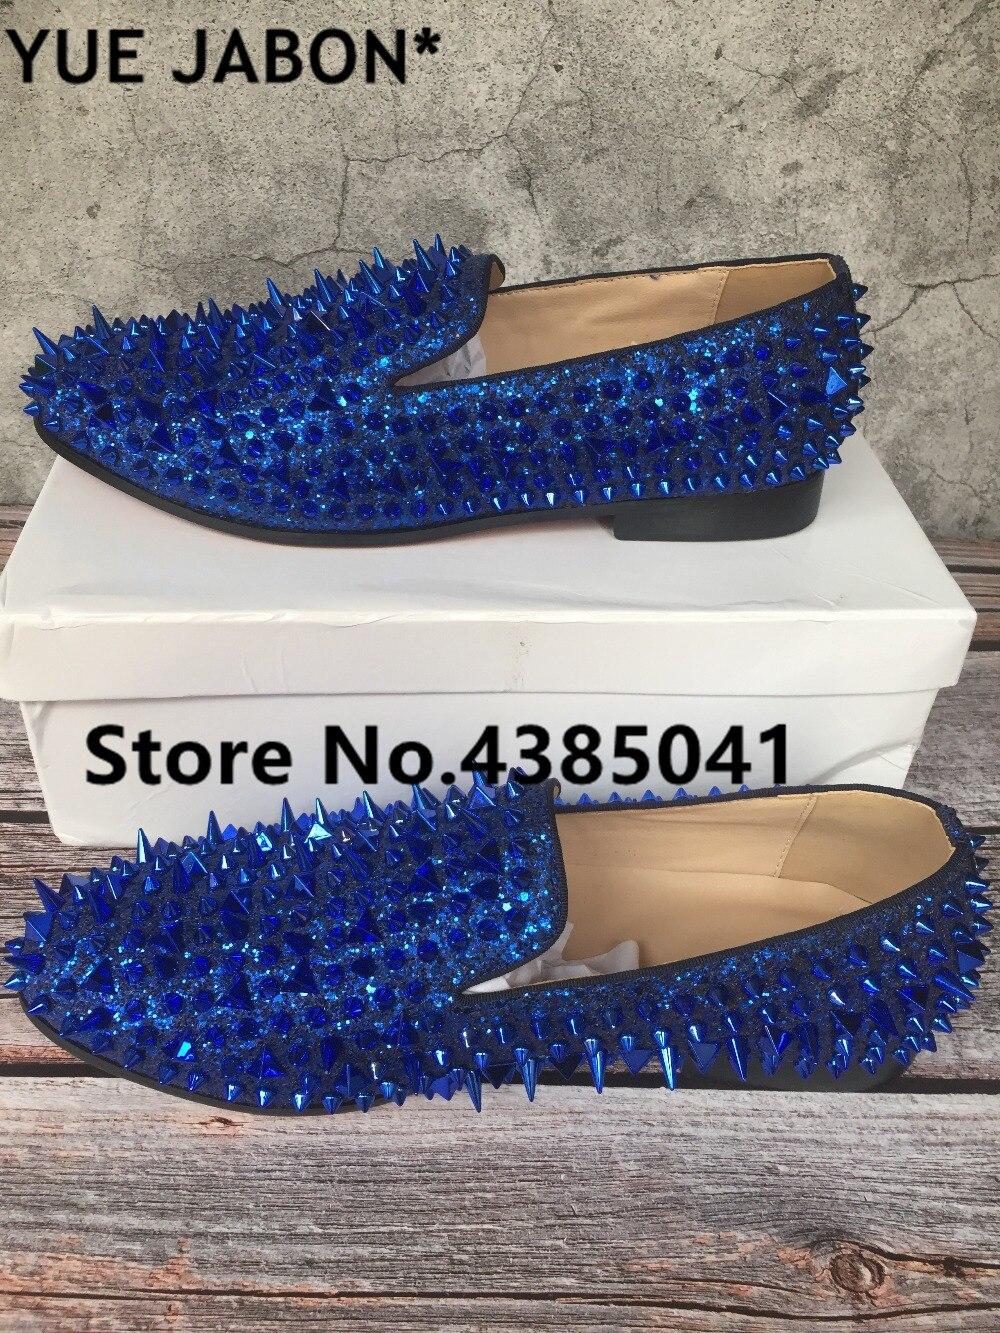 Bleu personnalisé hommes chaussures plates de luxe brillant paillettes pointes chaussures sans lacet mocassins Rivets hommes chaussures décontractées conception de marque